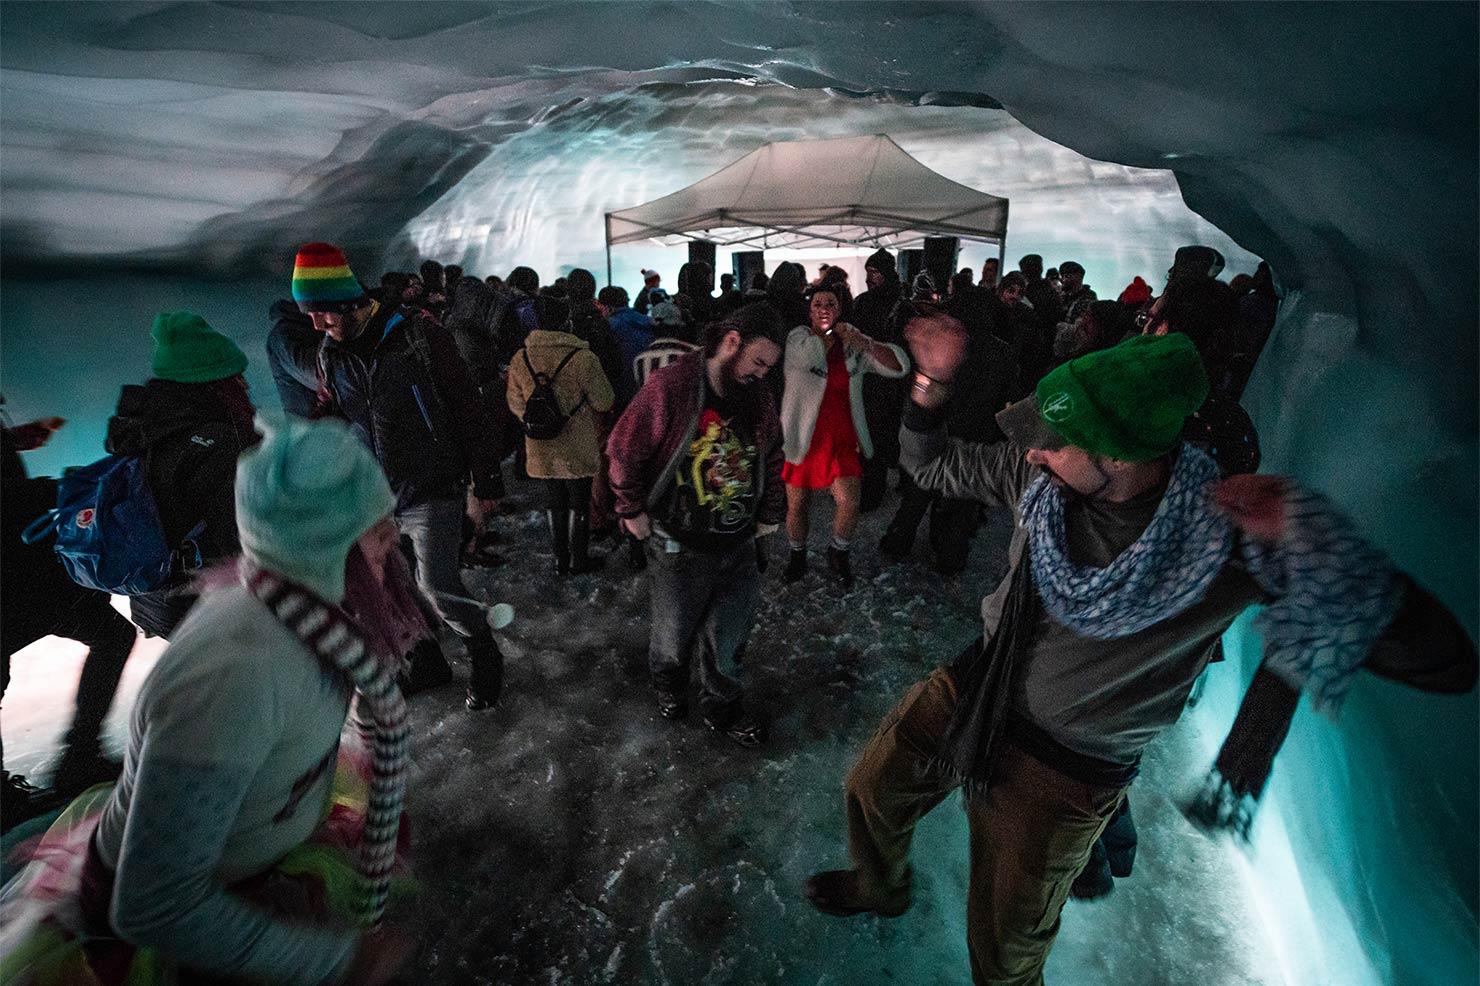 Langjökull 氷河の洞窟で、レイブパーティー「Into the Glacier」を開催